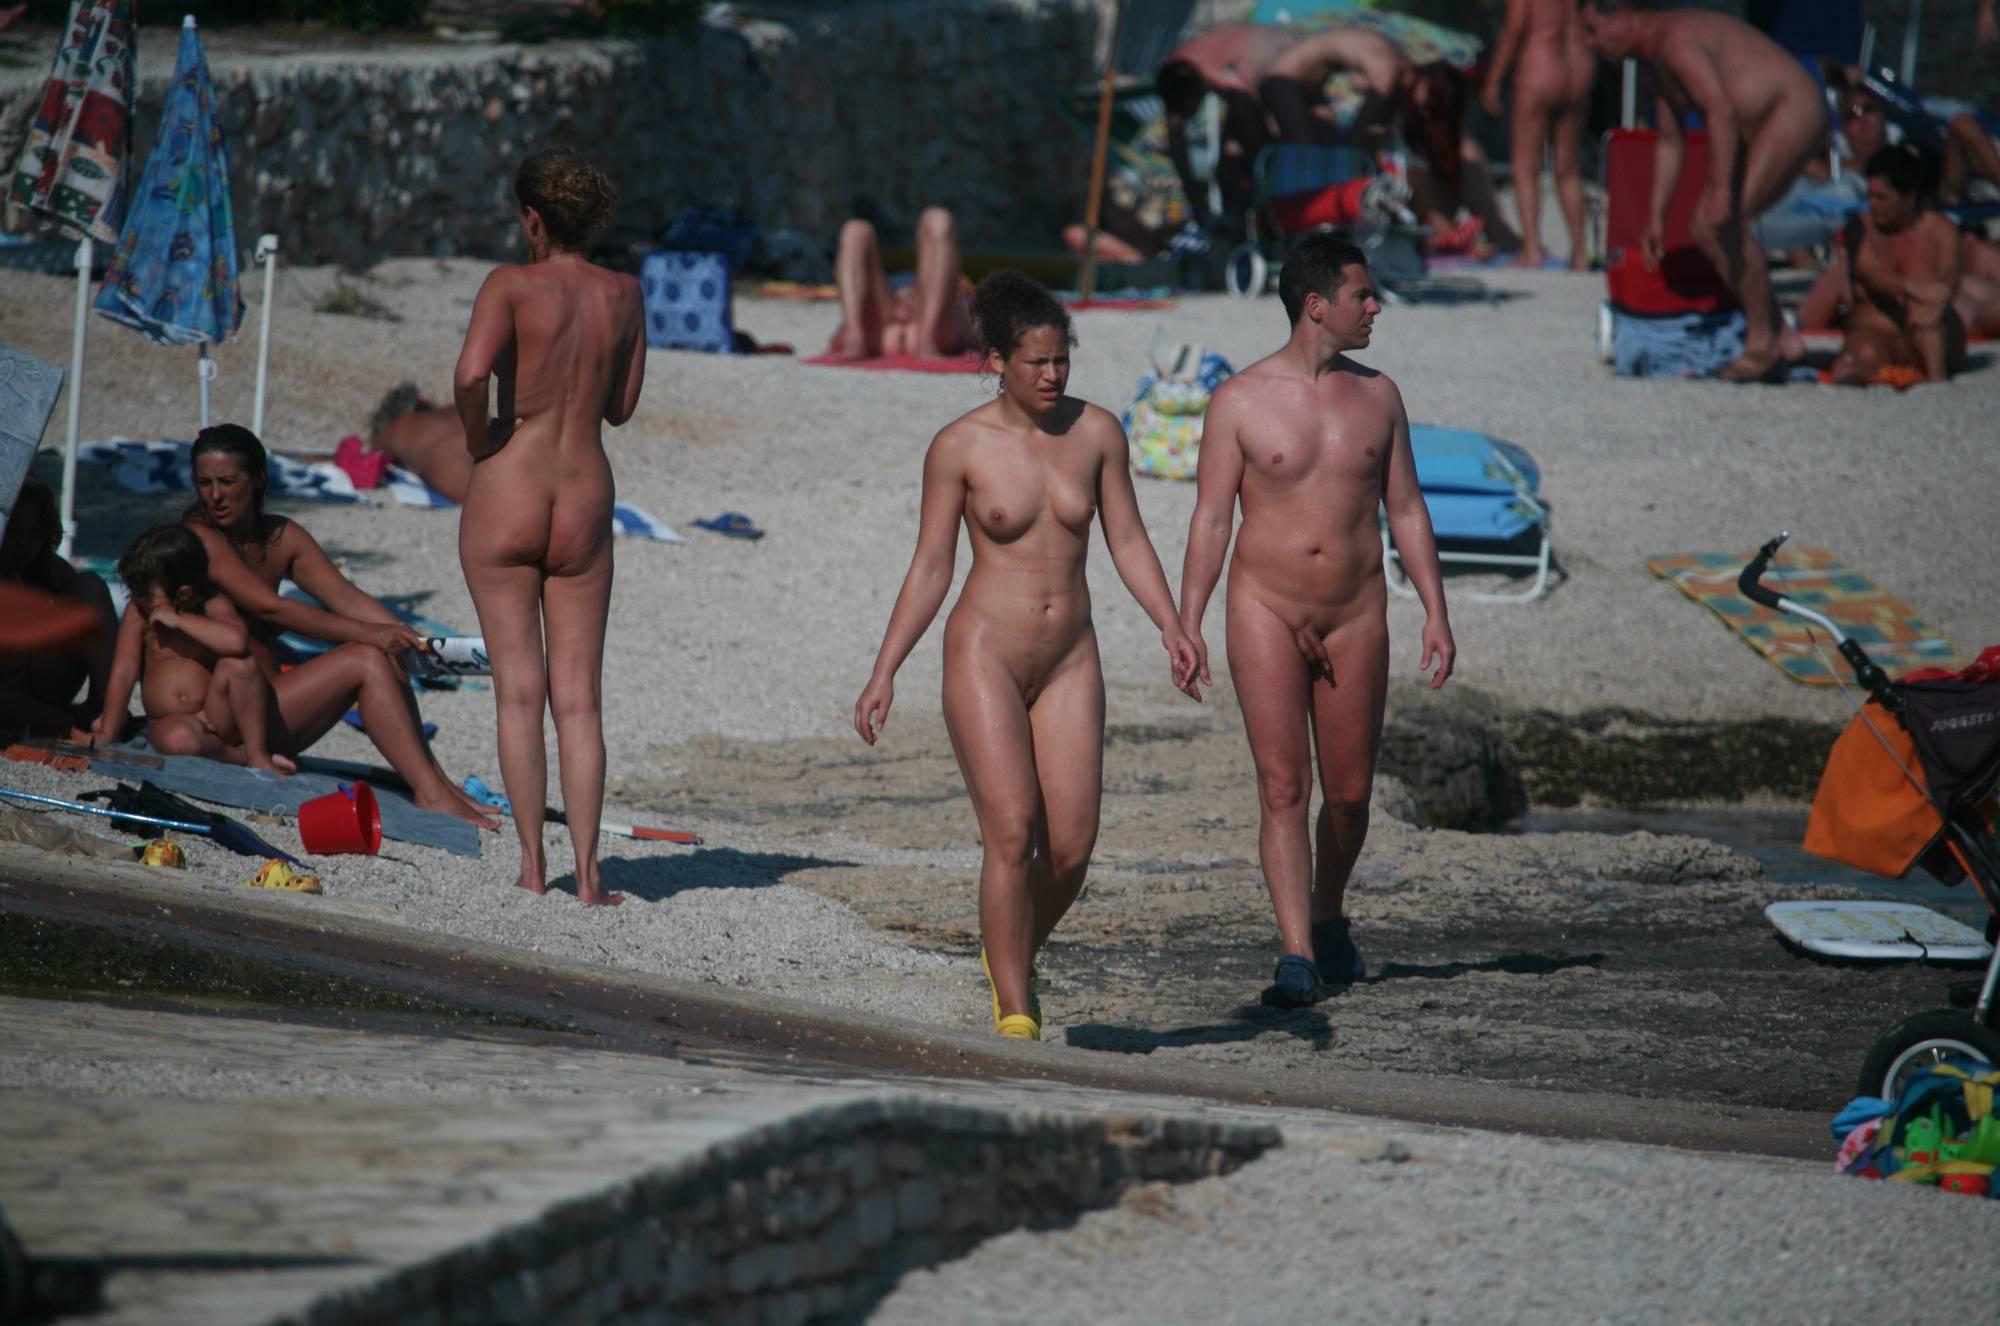 Nudist Pictures Nudist Resort Shore Walk - 2